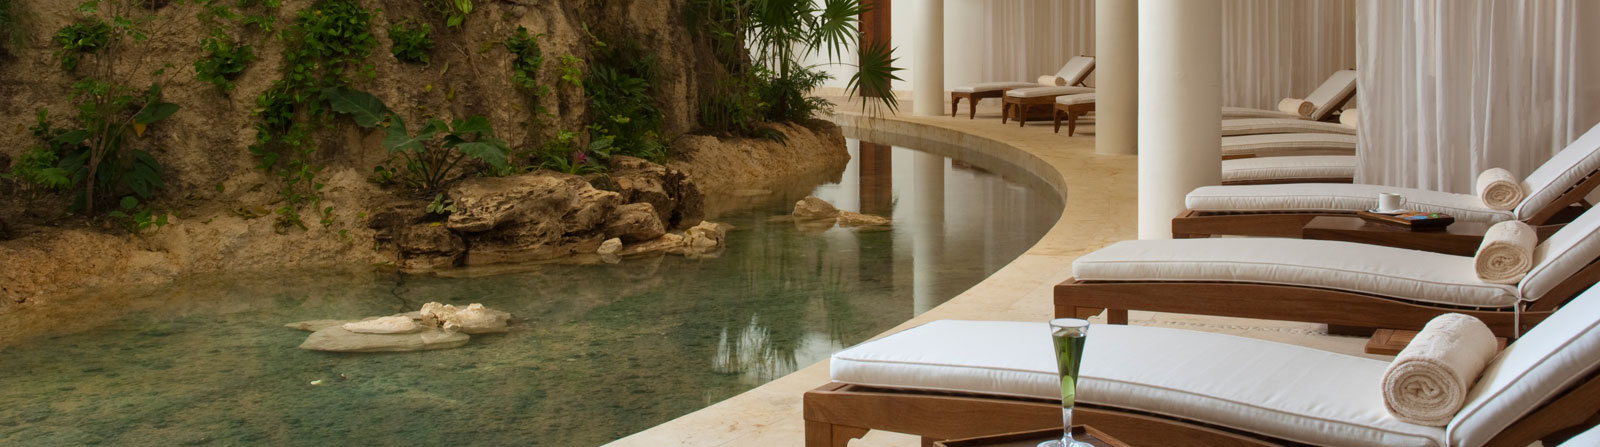 Spa at Grand Velas Riviera Maya Mexico